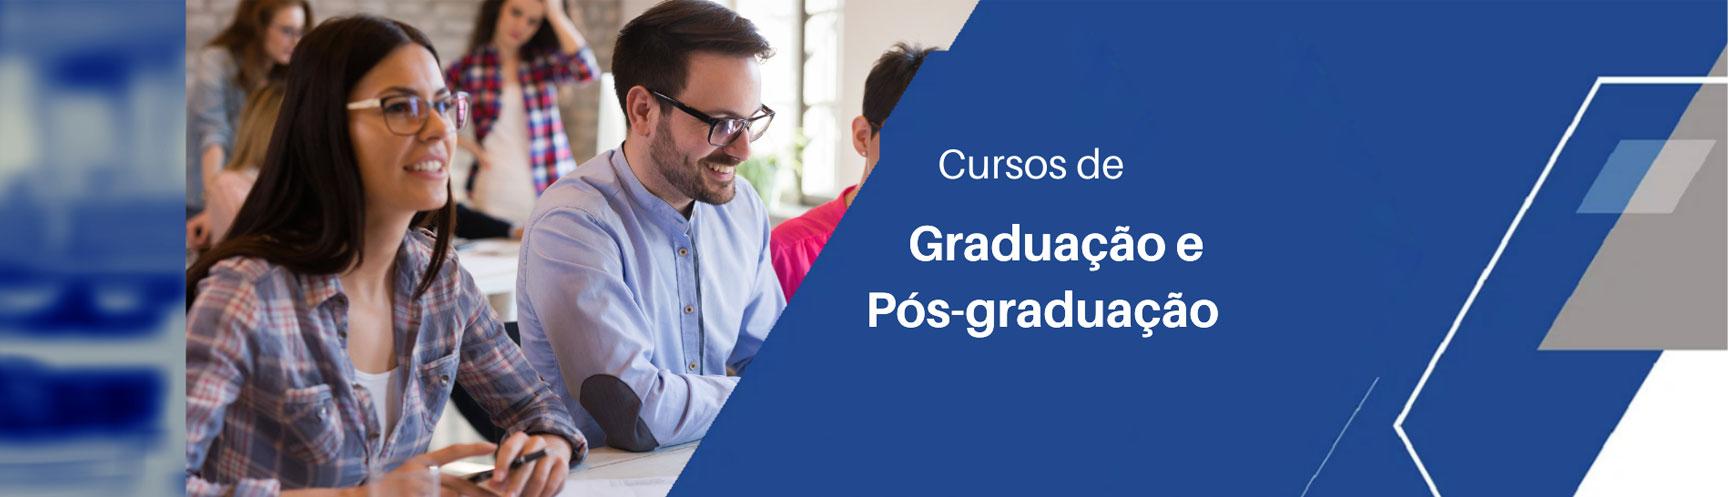 Cursos de Graduação e Pós-Graduação